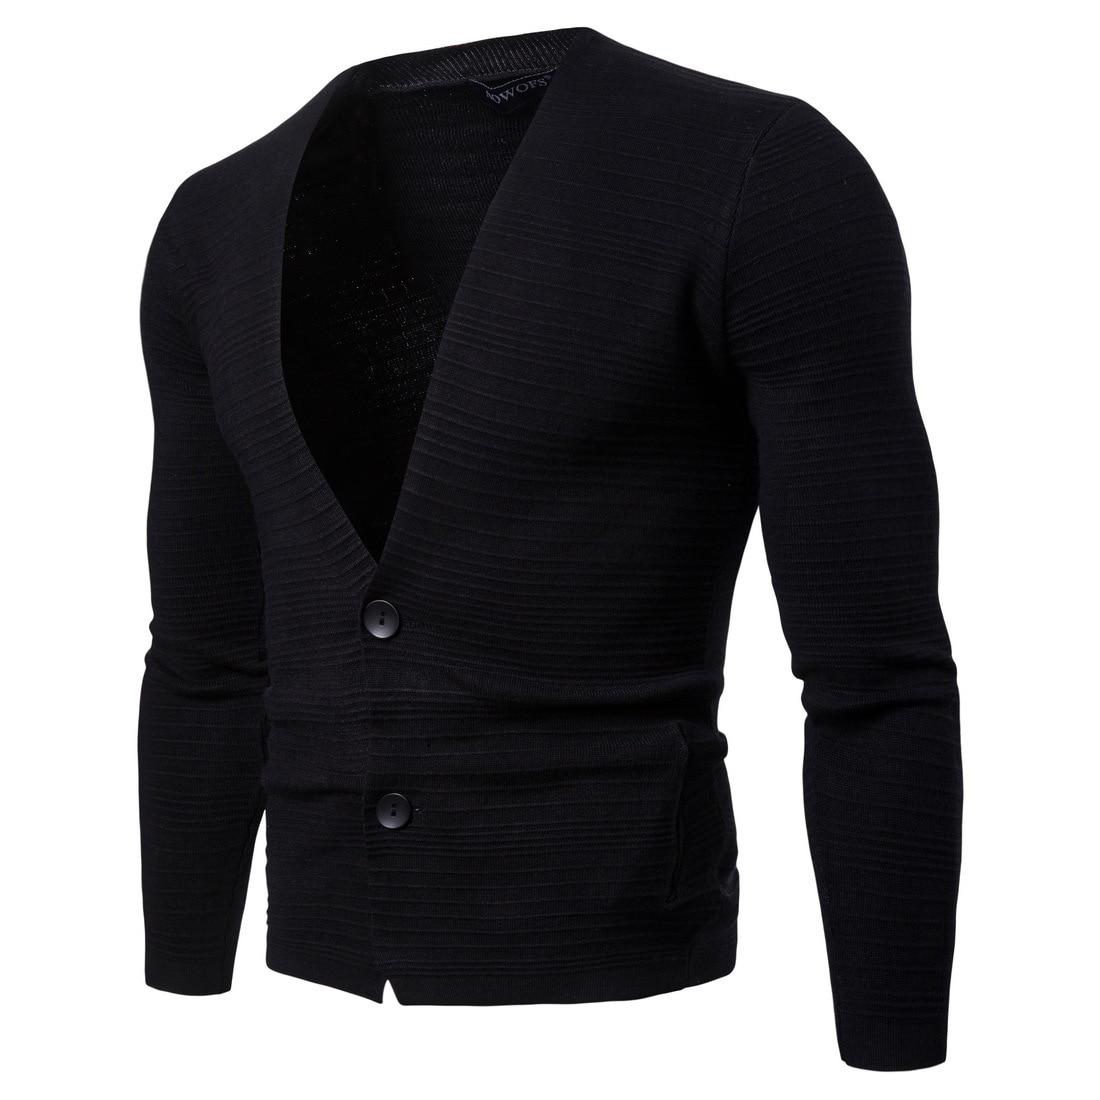 2018 Neue Marke Pullover Männer Reine Farbe Strickjacke Pullover Lässig Dünne Kleidung Strickwaren V-ausschnitt Schlanke Männer Pullover Angemessener Preis